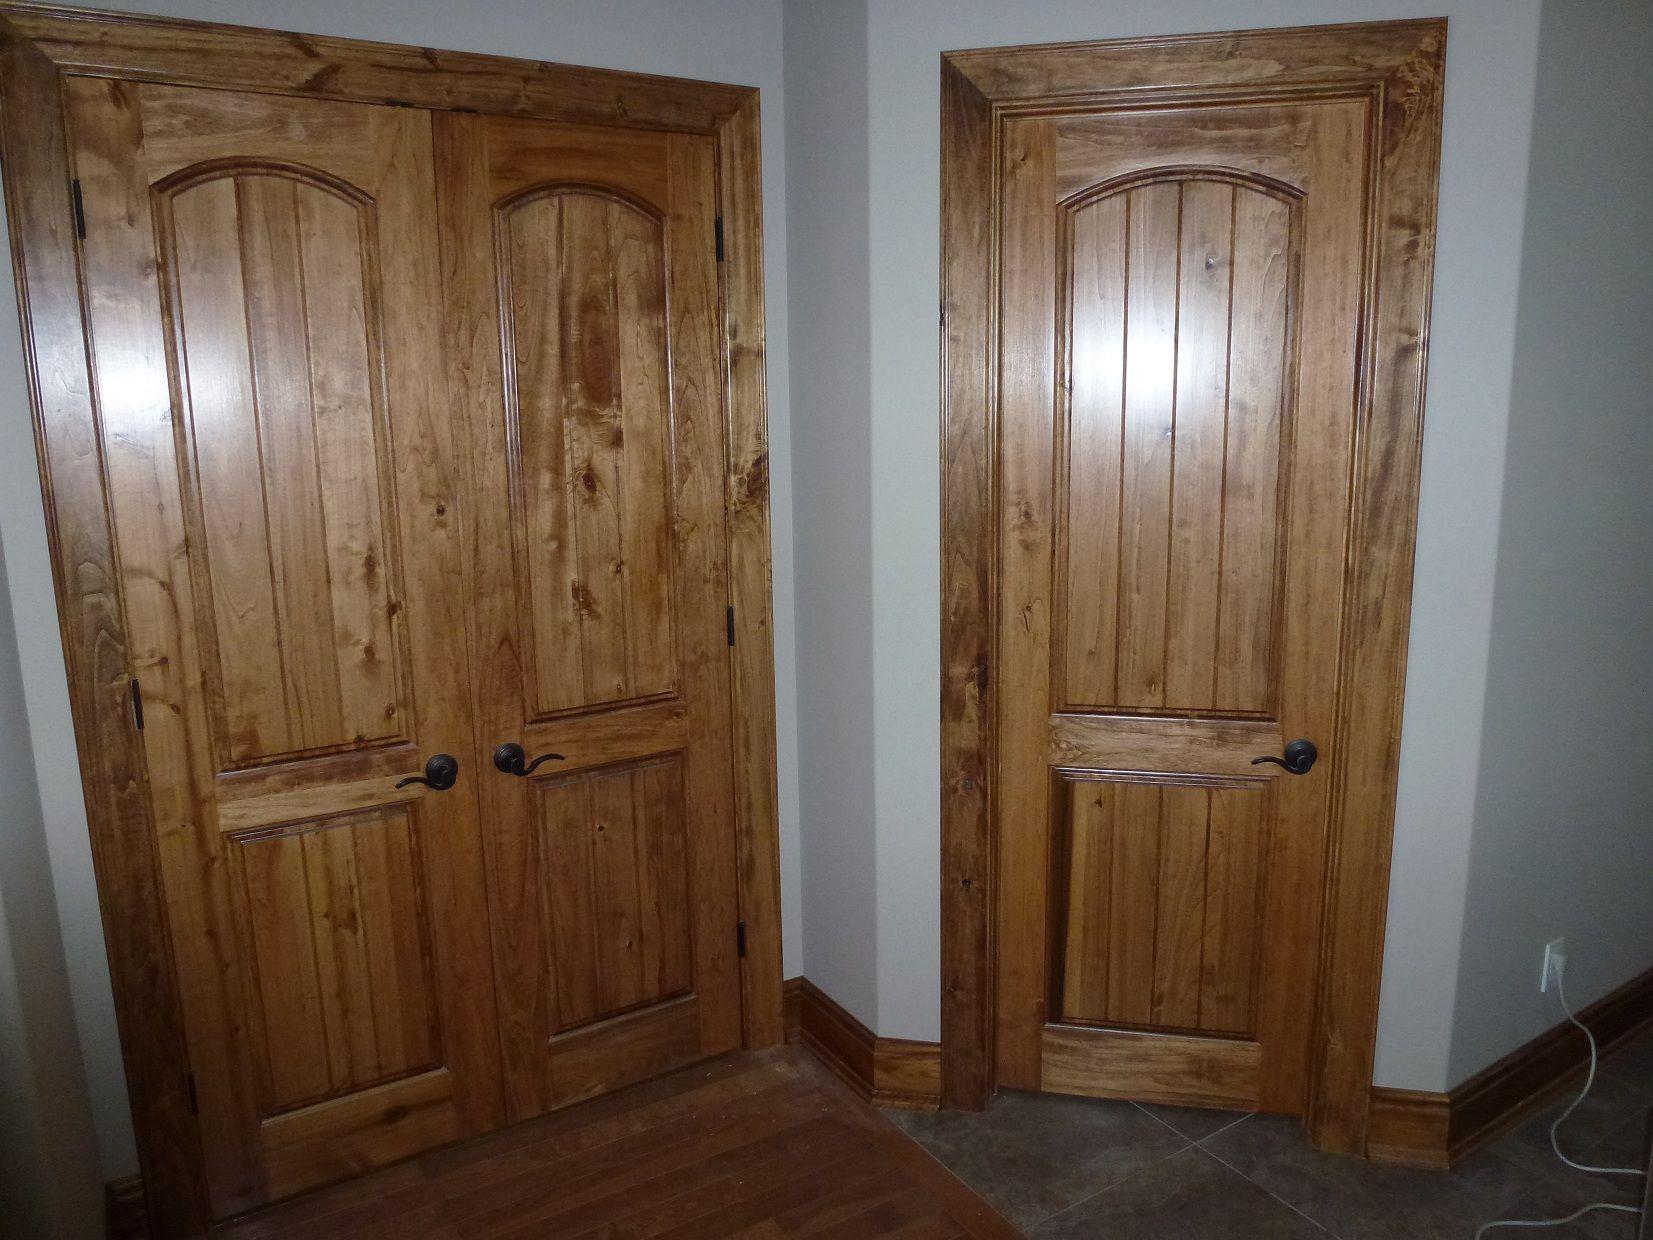 Nice rustic wood interior doors Innentüren, Eichentüren